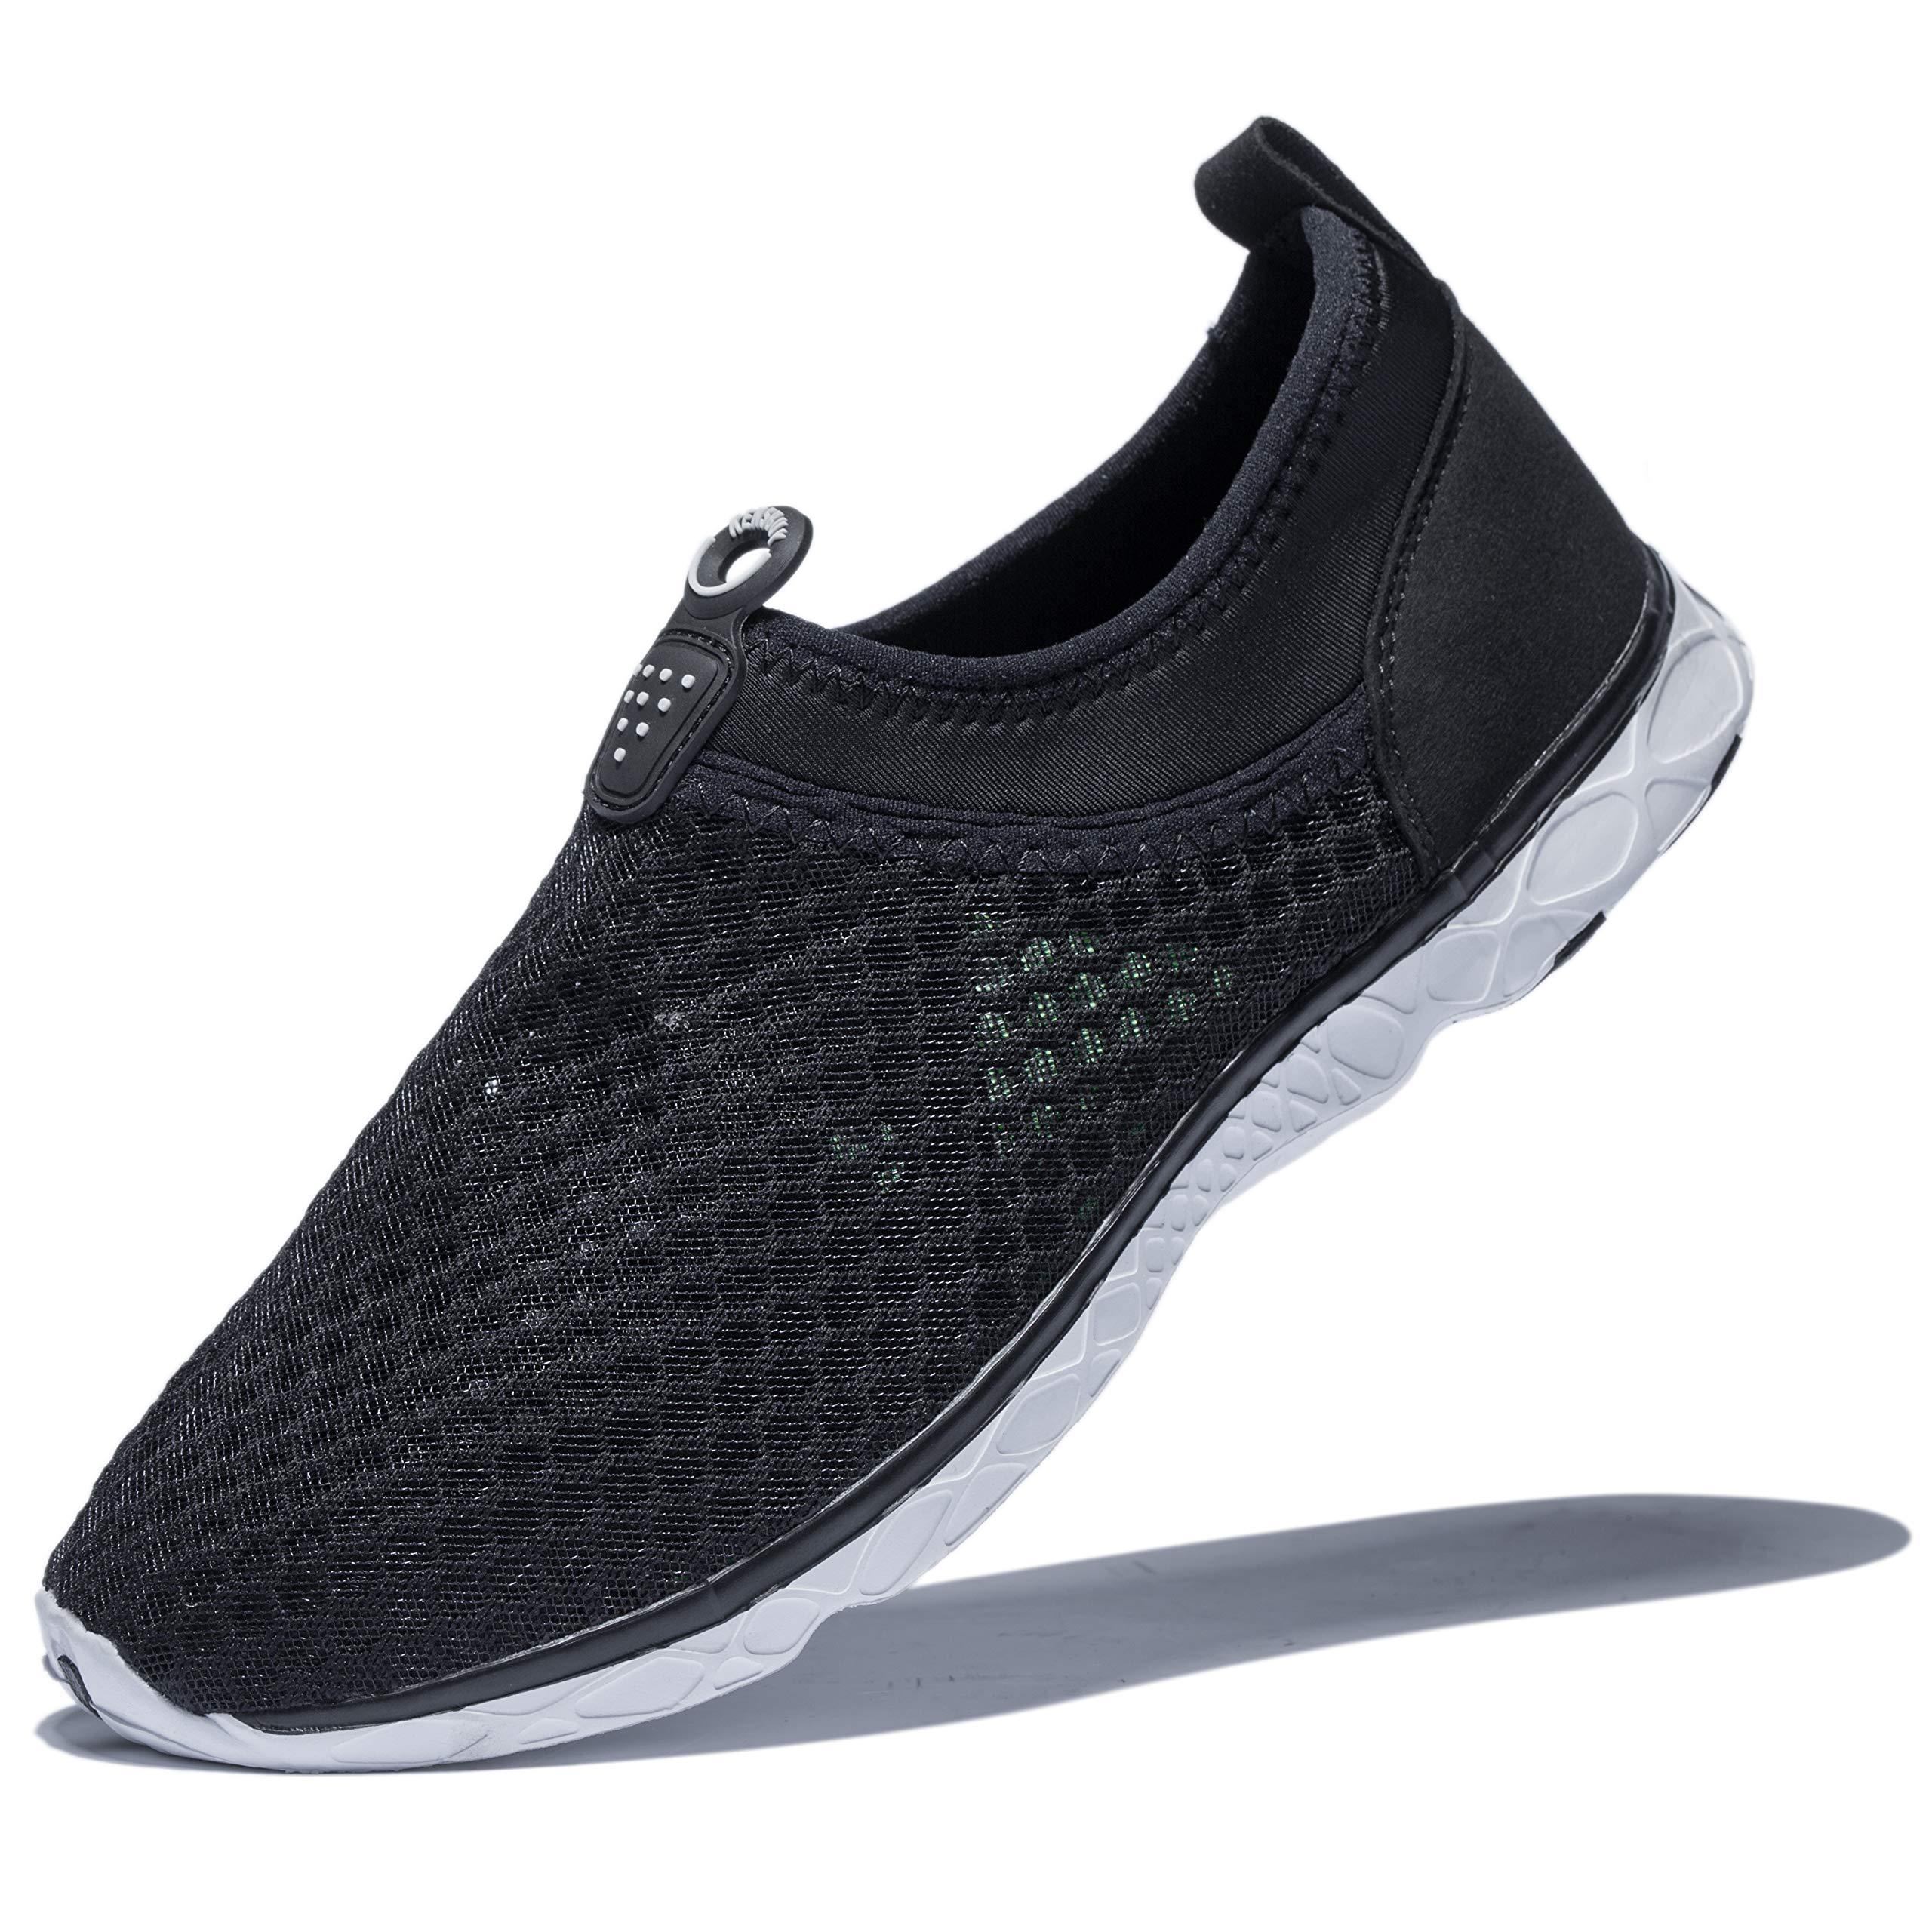 KENSBUY Men's Summer Mesh Shoes,Outdoor Beach Aqua Shoes,Running,Walking EU41 Black by KENSBUY (Image #1)